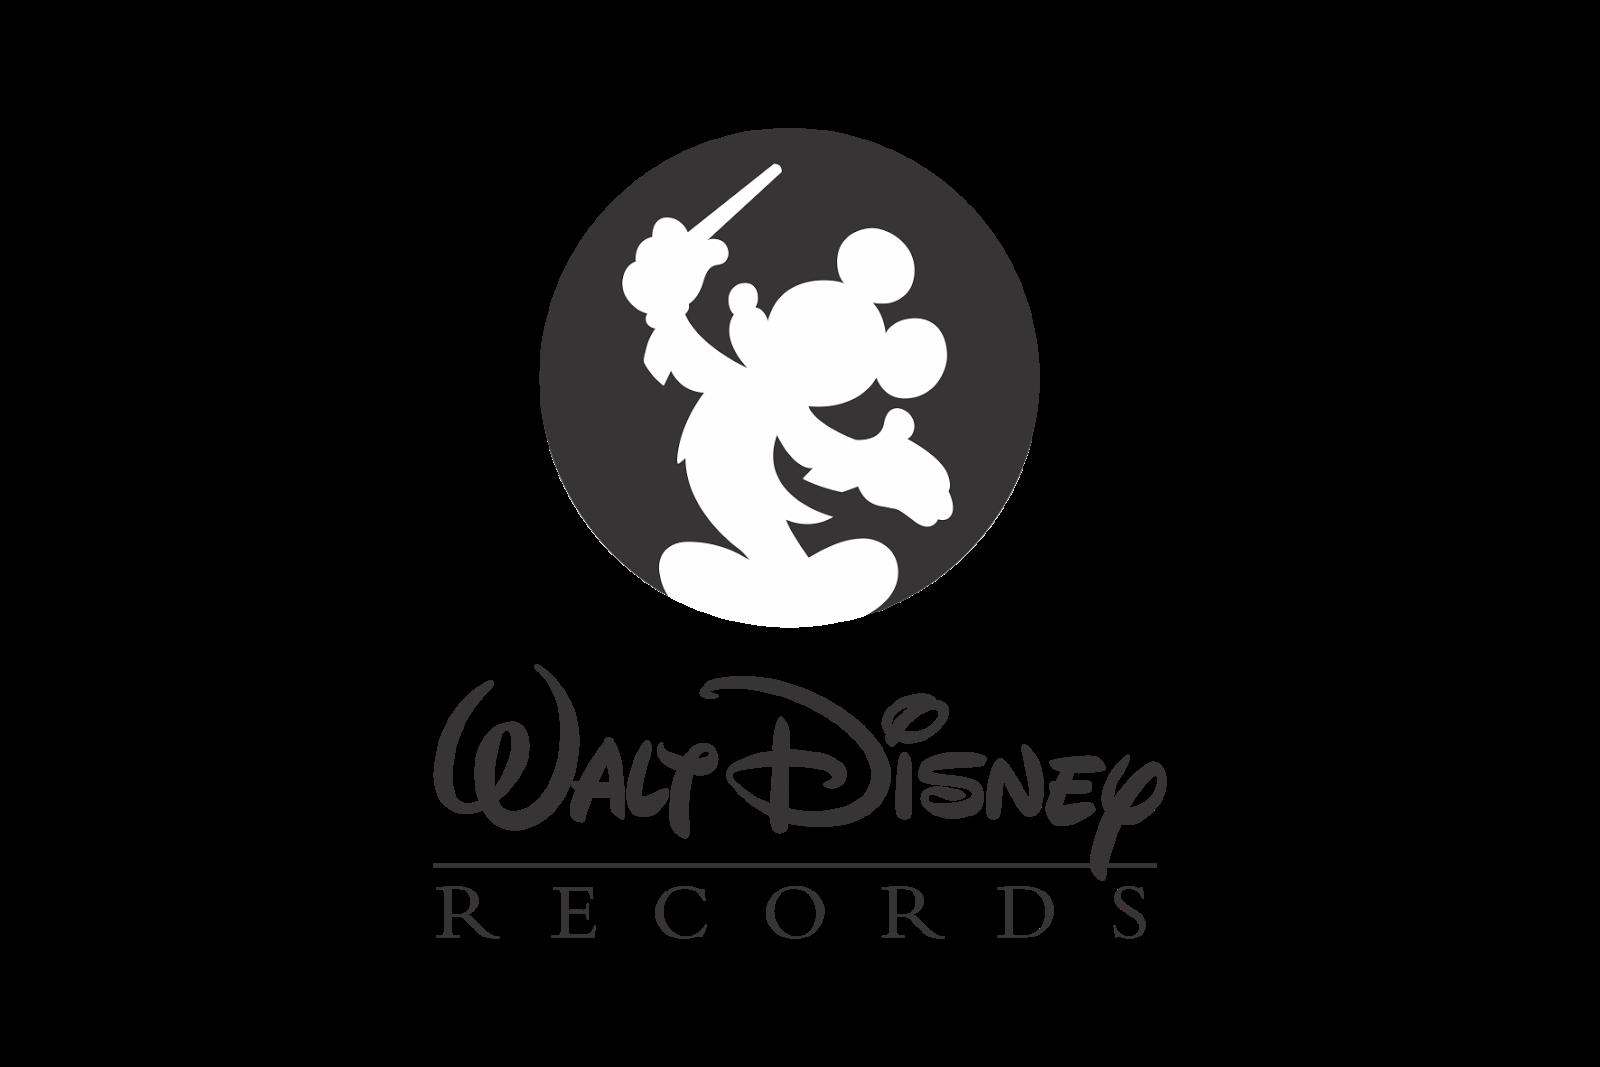 Walt-Disney-Records.png